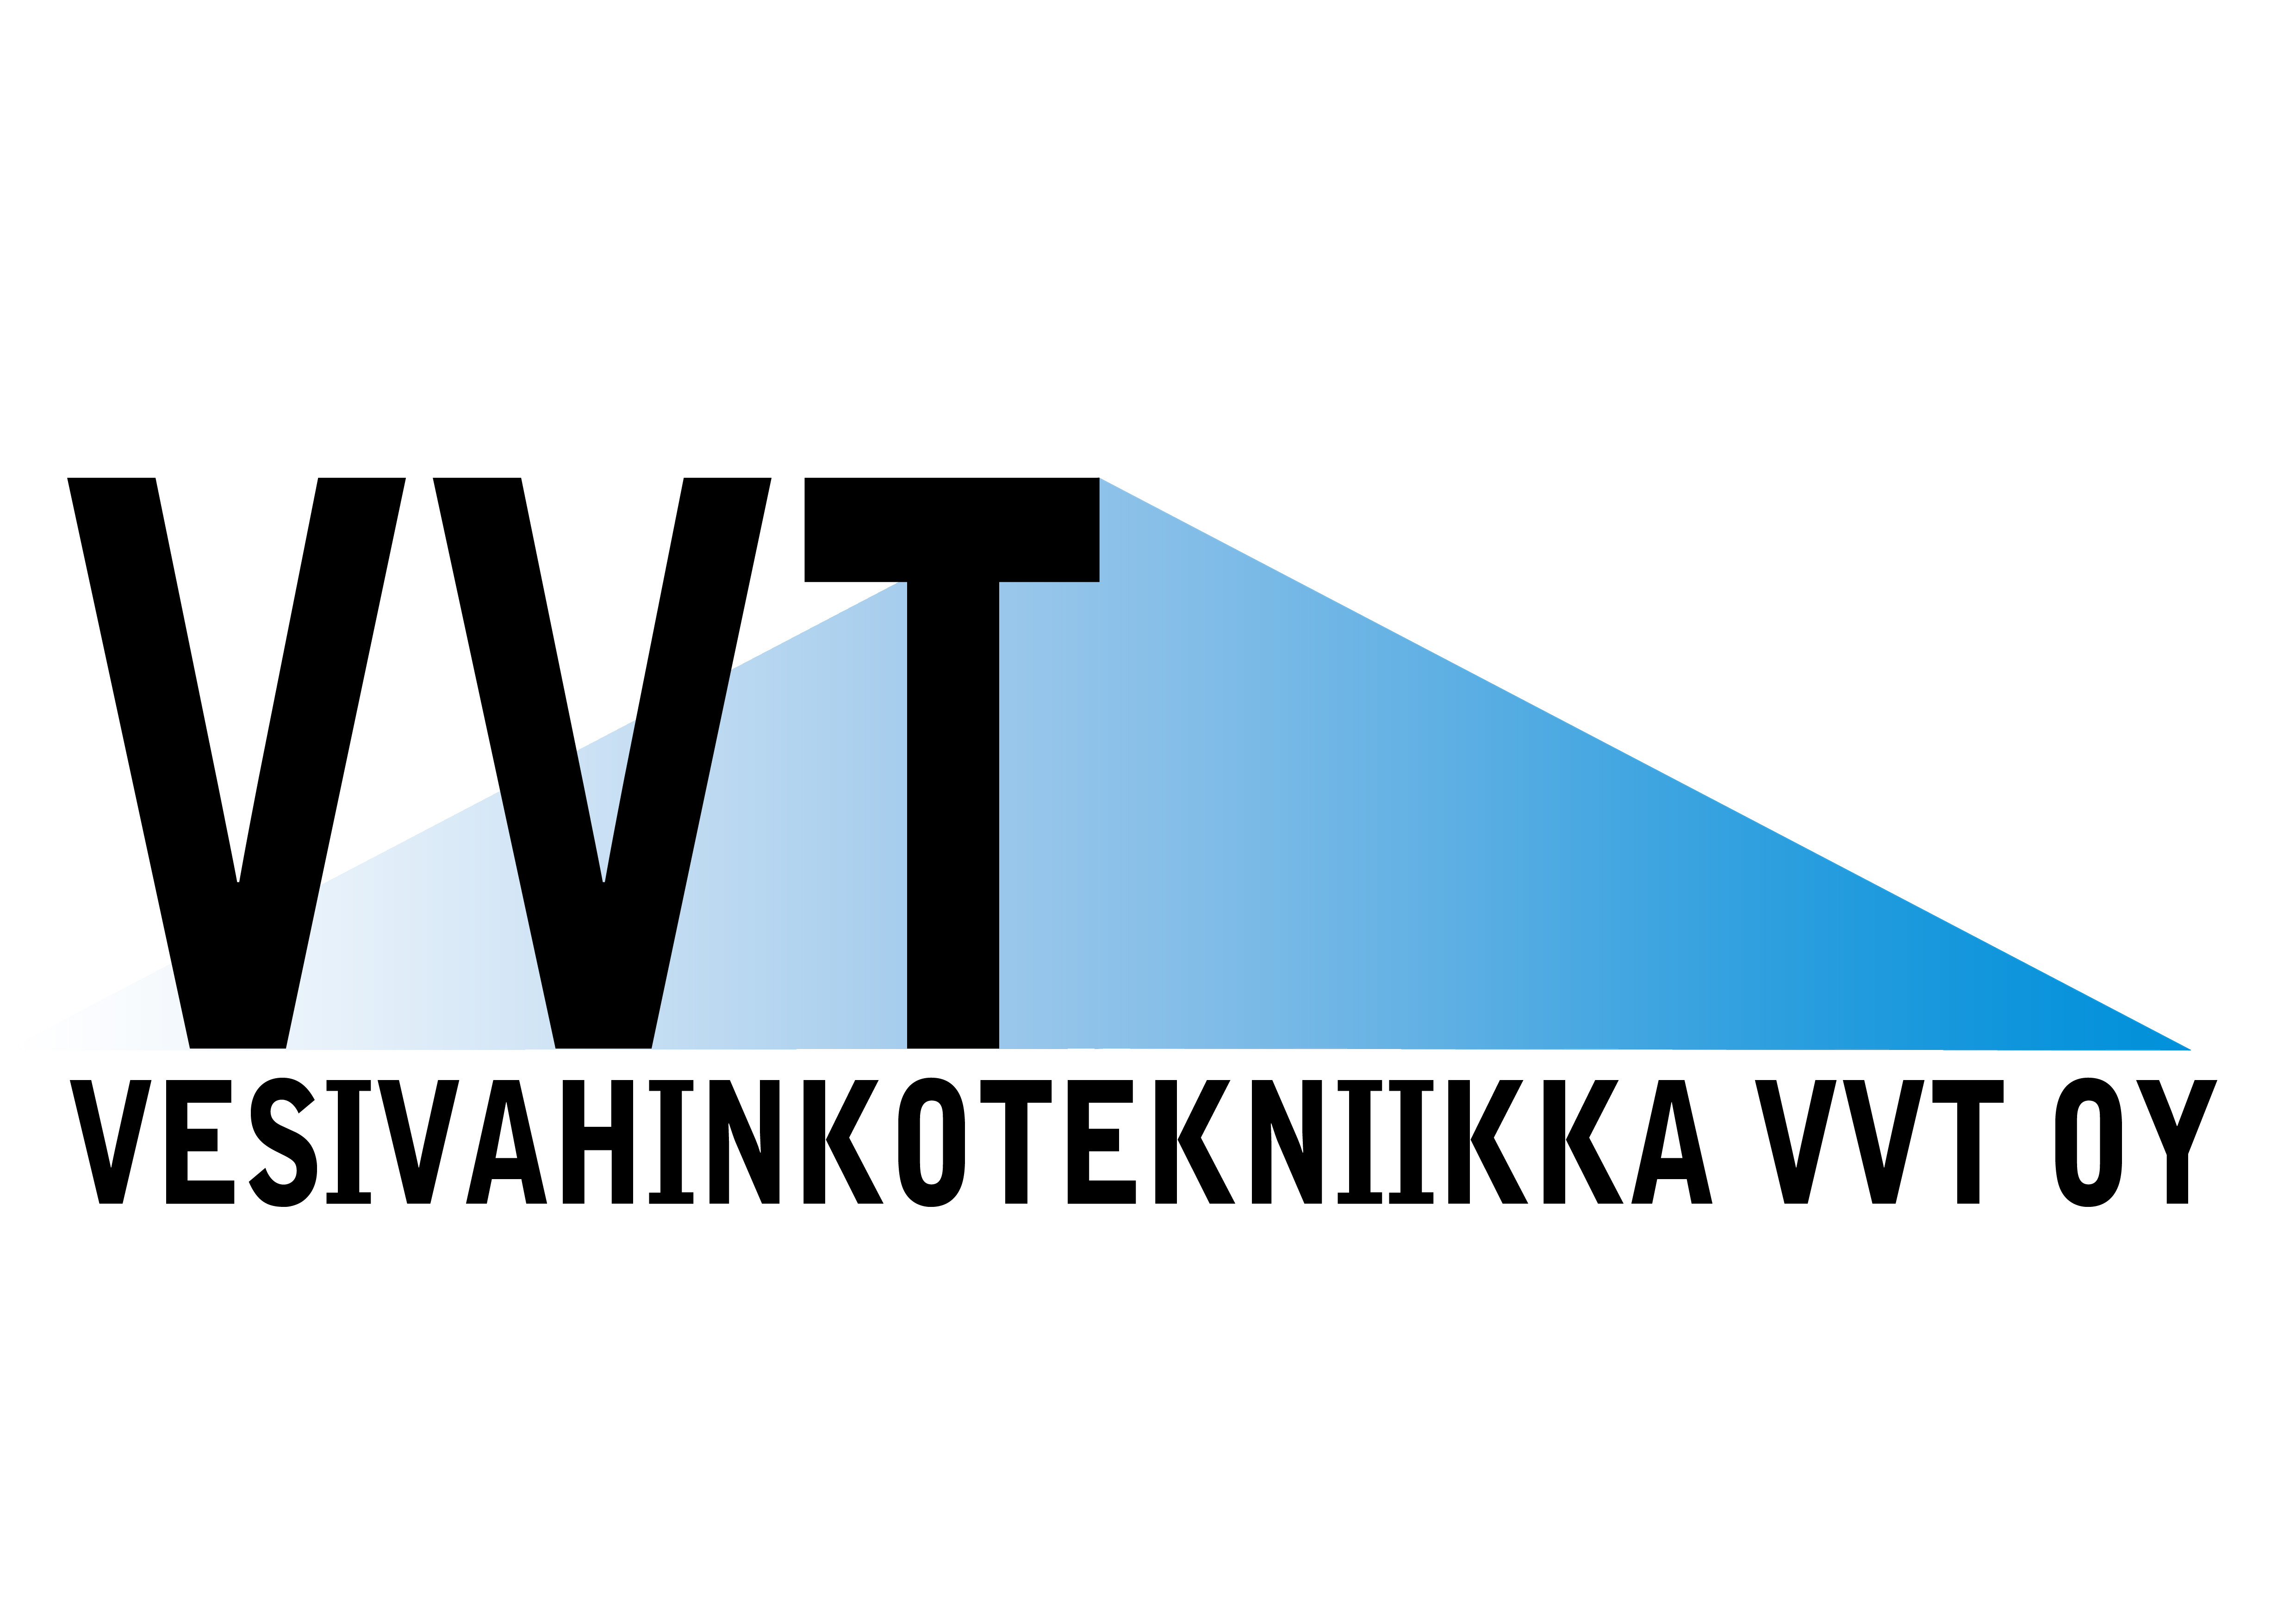 Ilves-Verkosto - Vesivahinkotekniikka VVT Oy